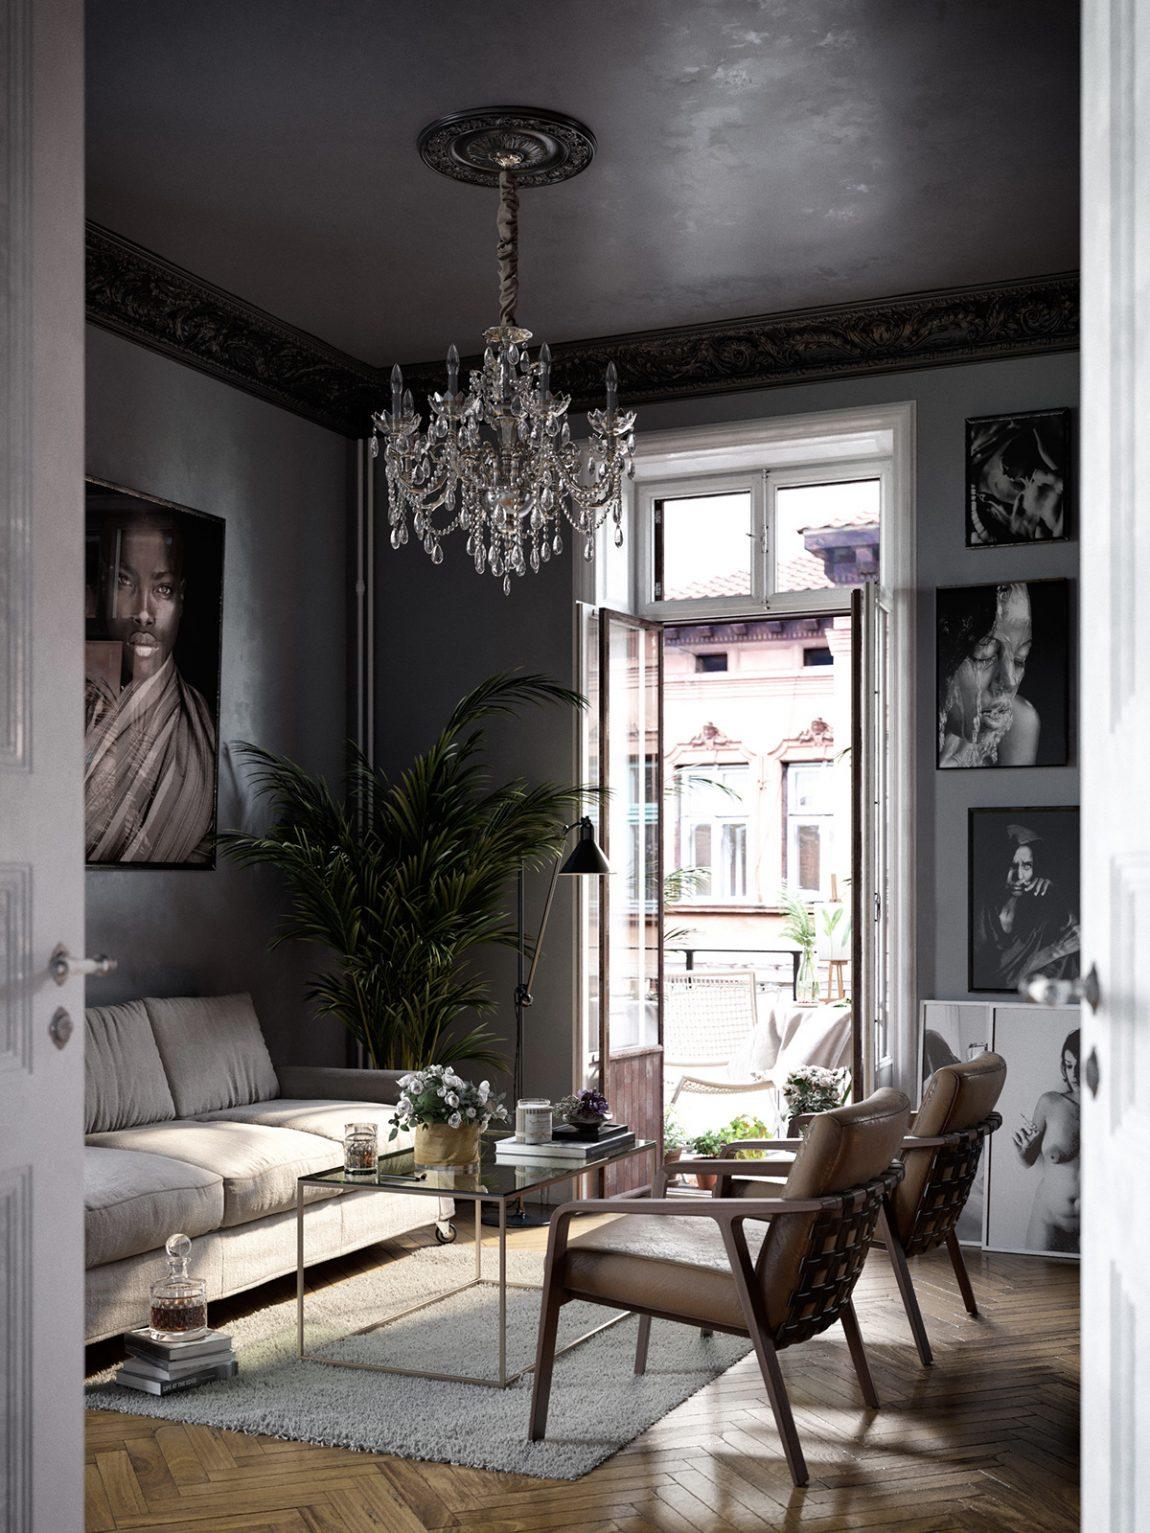 Woonkamer met een eclectisch interieur en een zwart plafond inrichting - Plafond geverfd zwart ...